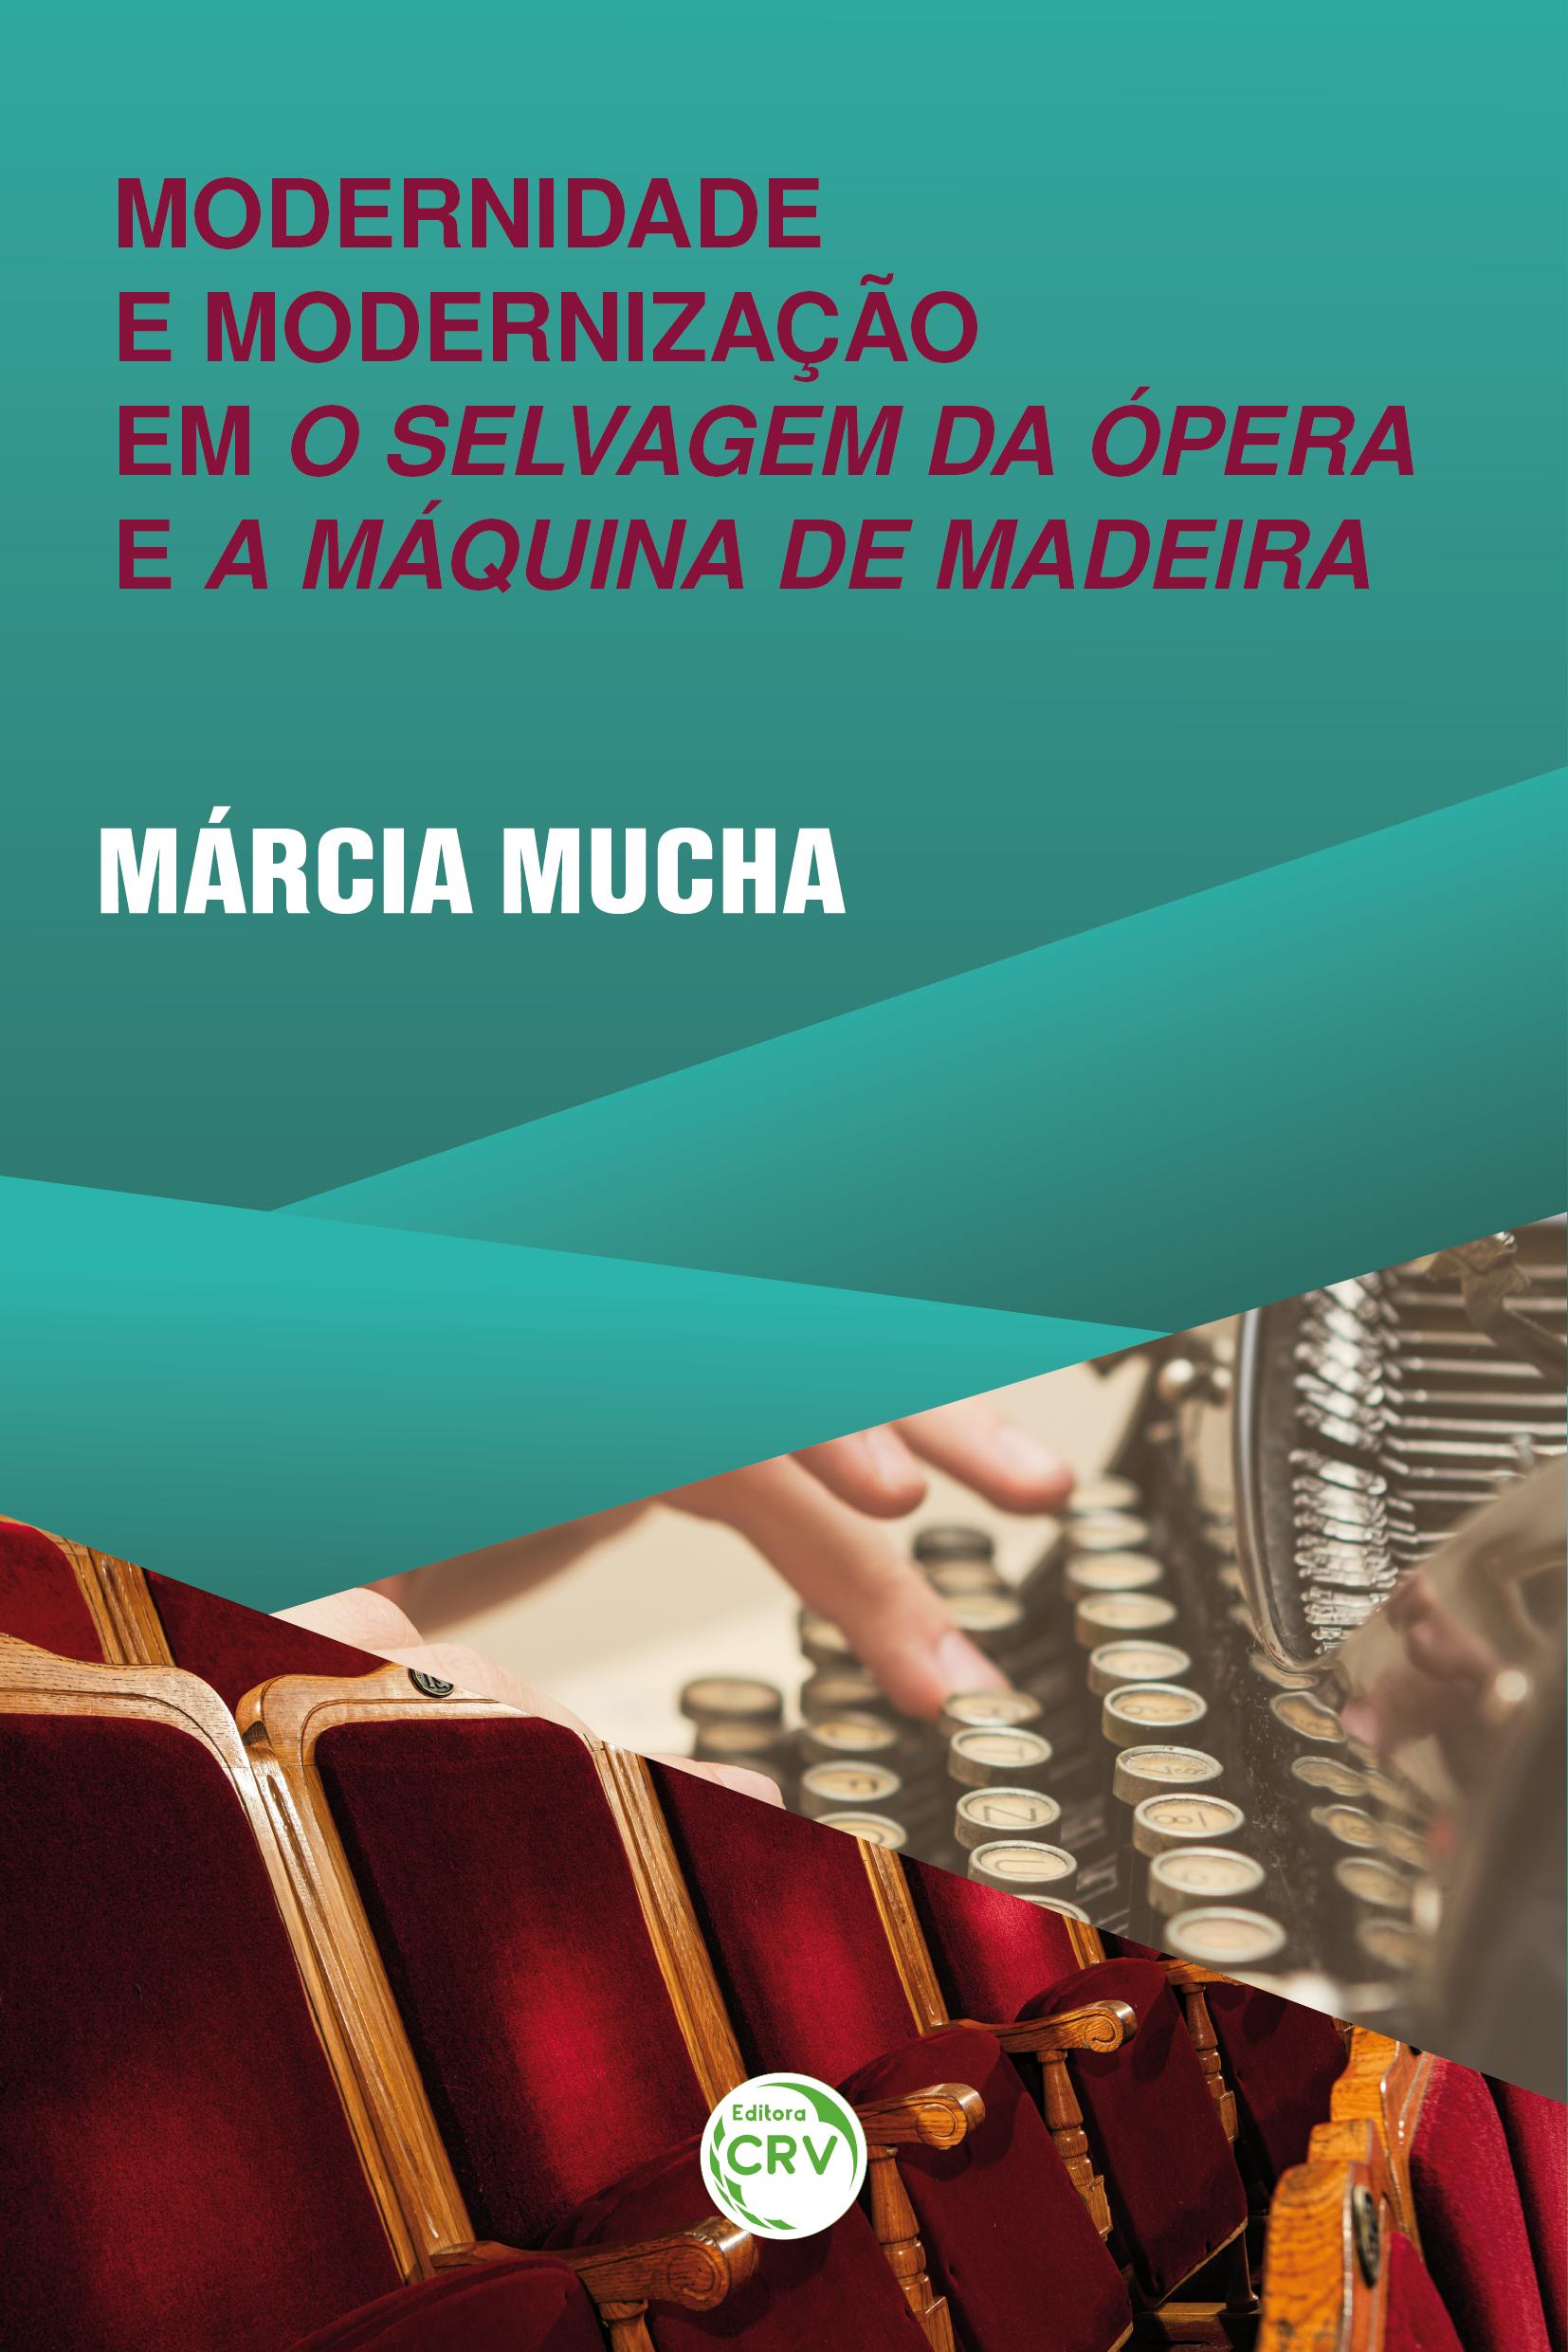 Capa do livro: MODERNIDADE E MODERNIZAÇÃO EM O SELVAGEM DA ÓPERA E A MÁQUINA DE MADEIRA